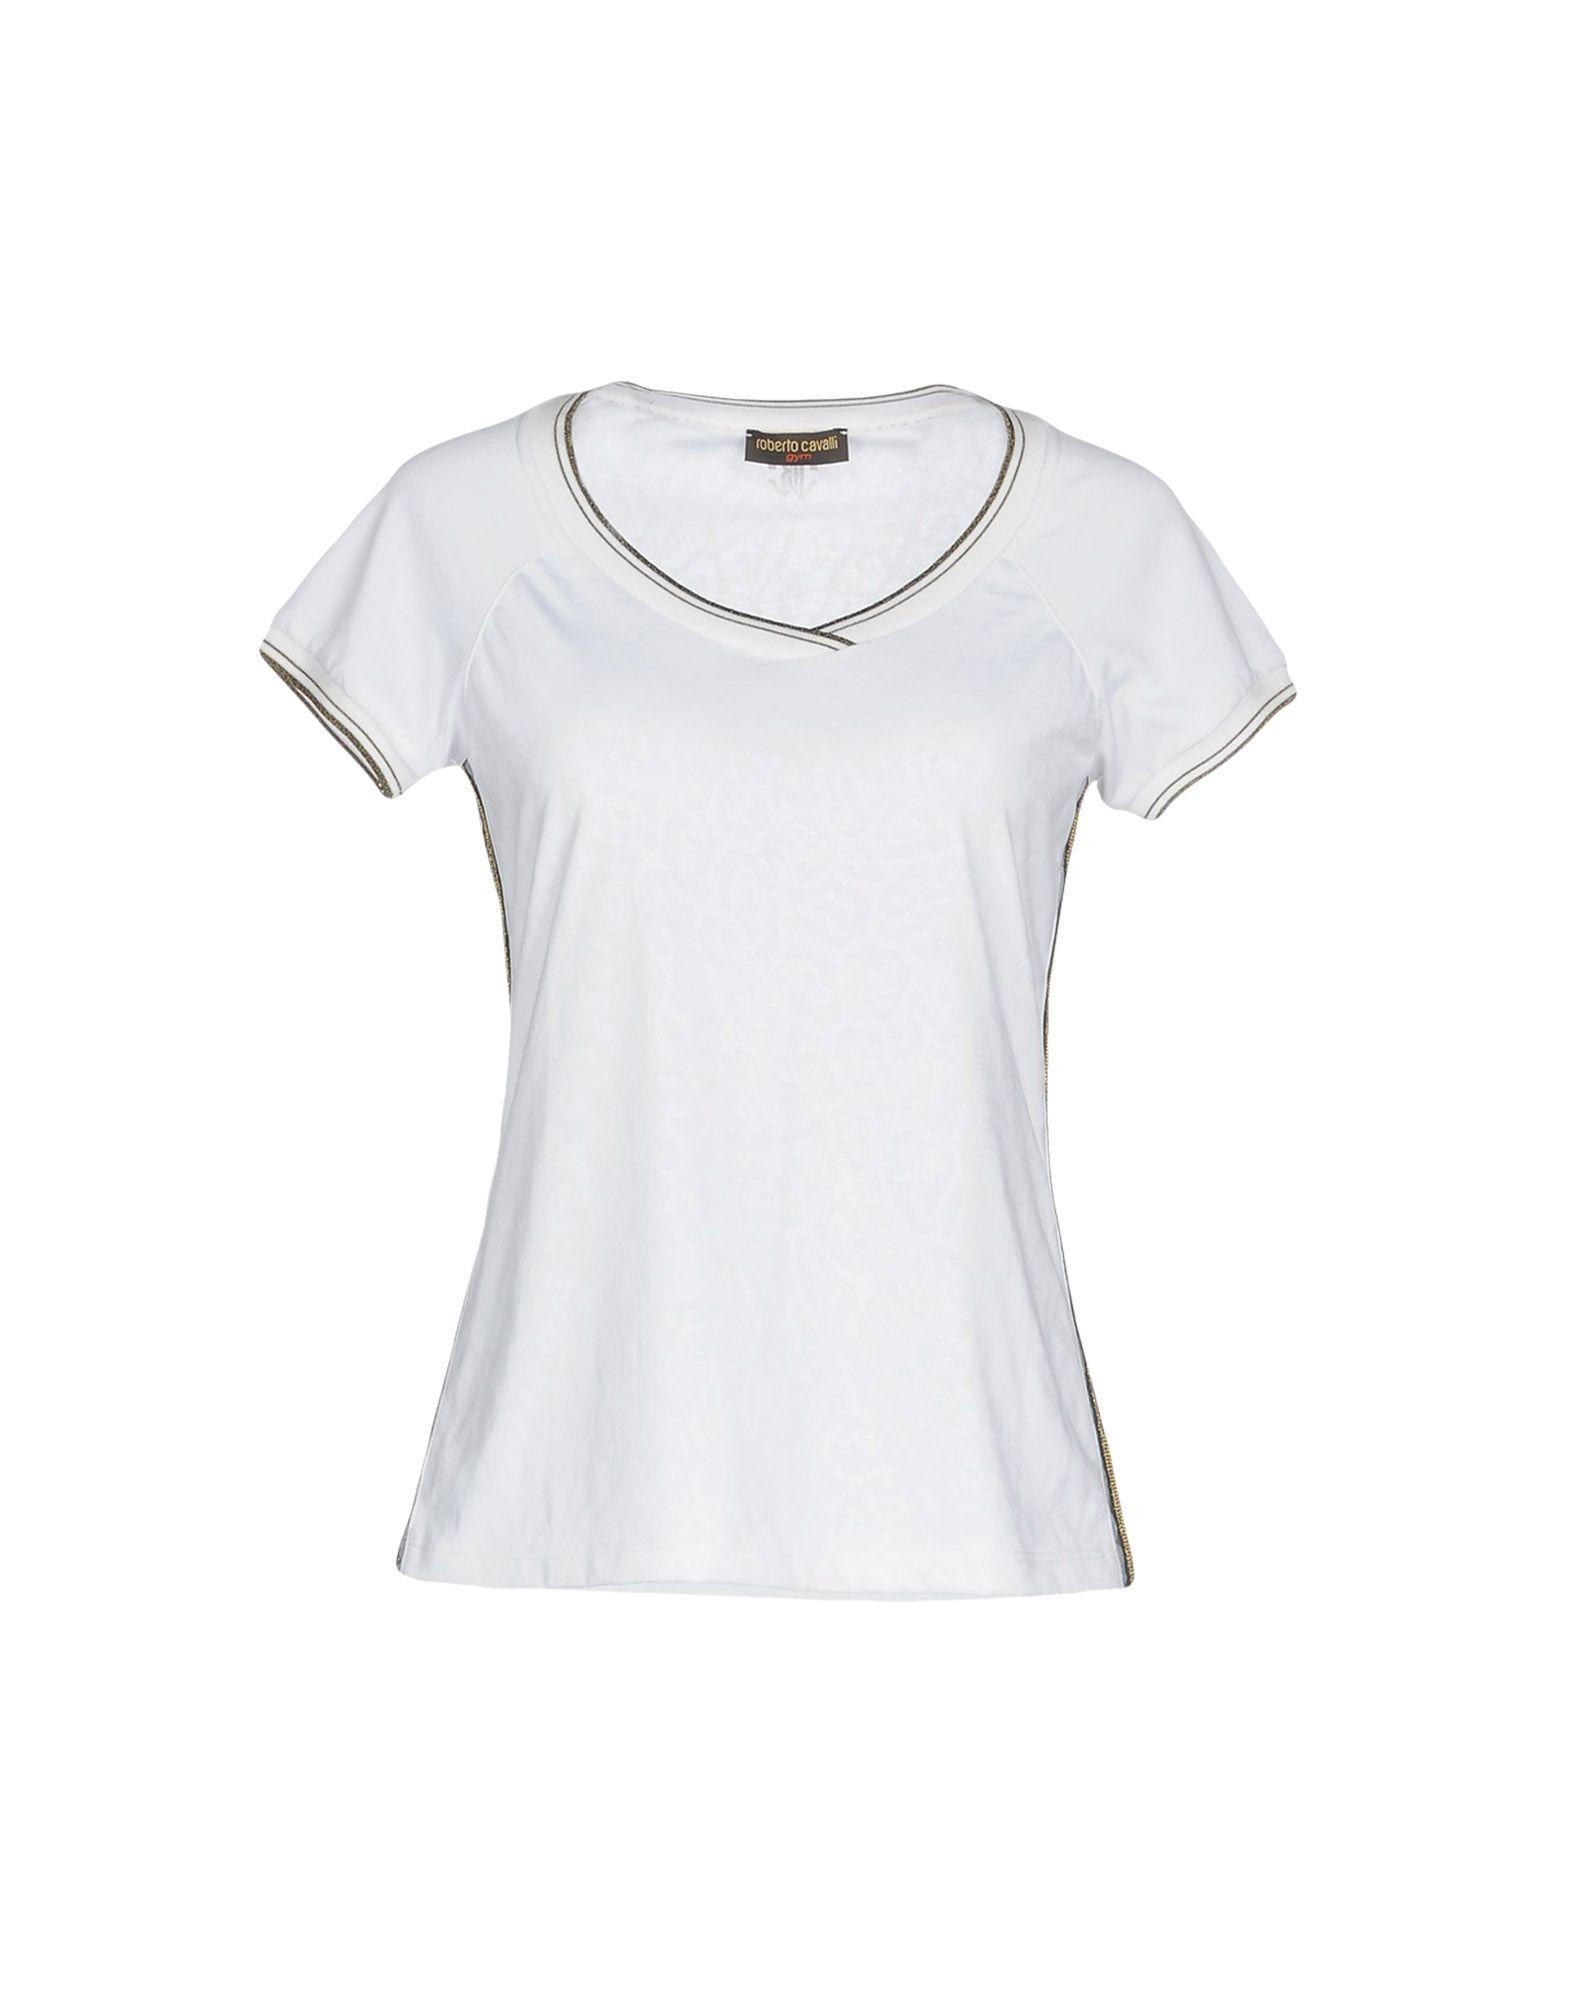 《送料無料》ROBERTO CAVALLI GYM レディース T シャツ ホワイト XL レーヨン 100%